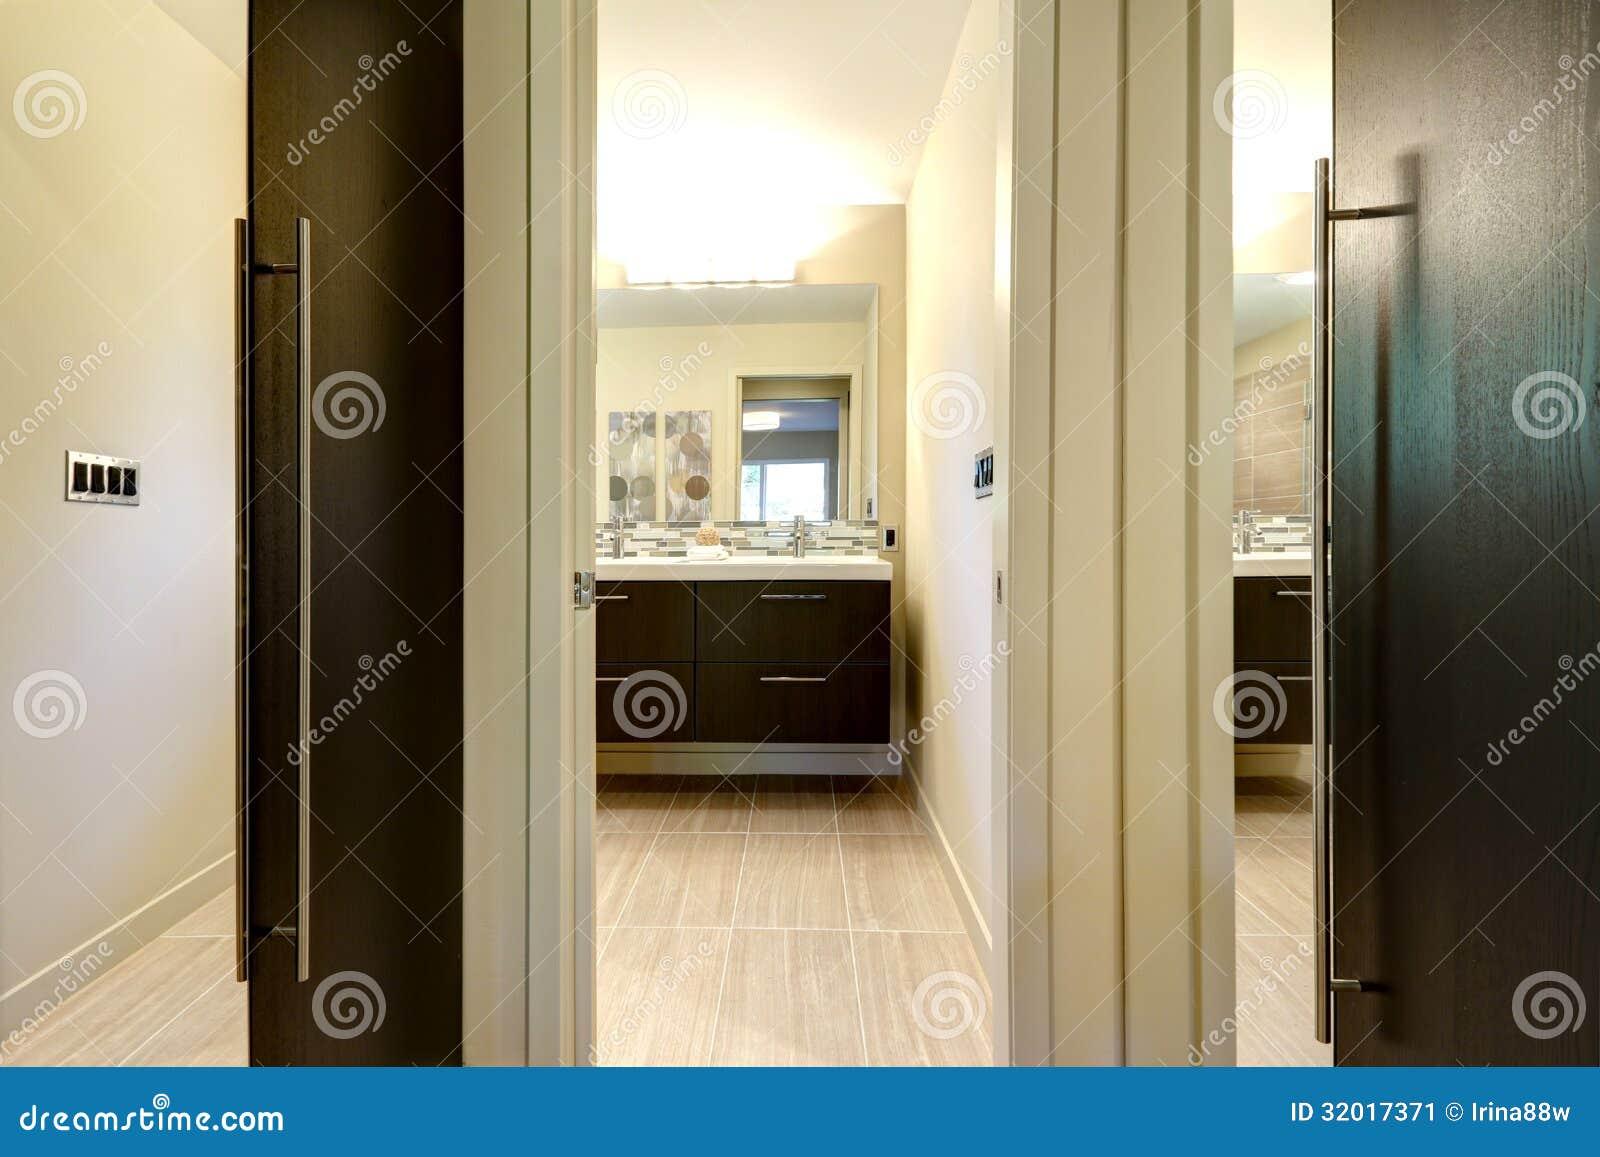 Bagno moderno con le porte di gabinetto e corridoio con gli specchi immagine stock immagine - Bagno con gli squali sudafrica ...